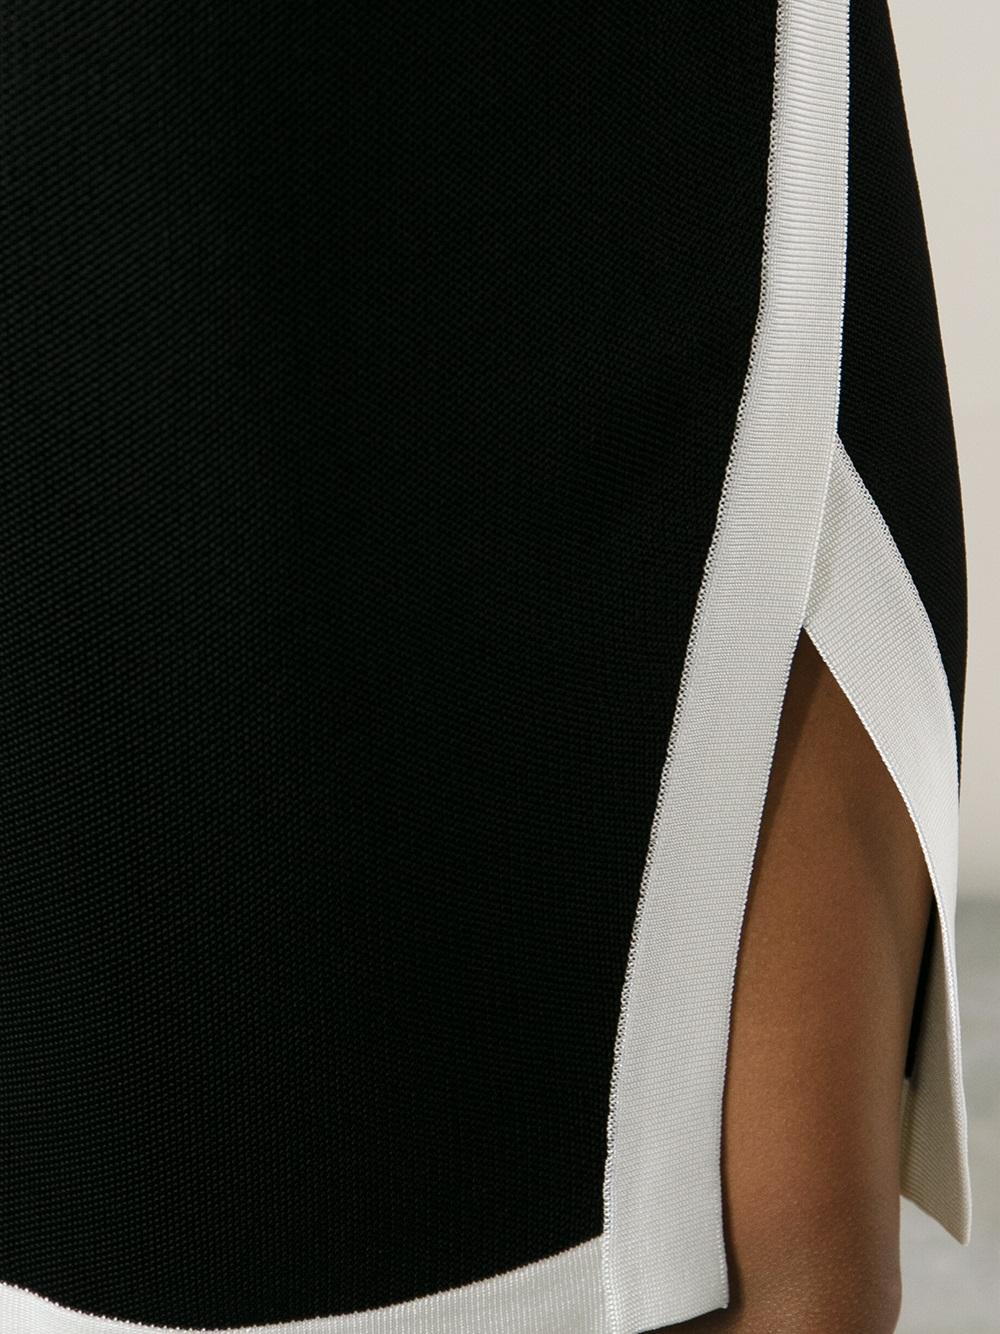 Balmain Pencil Skirt in Black